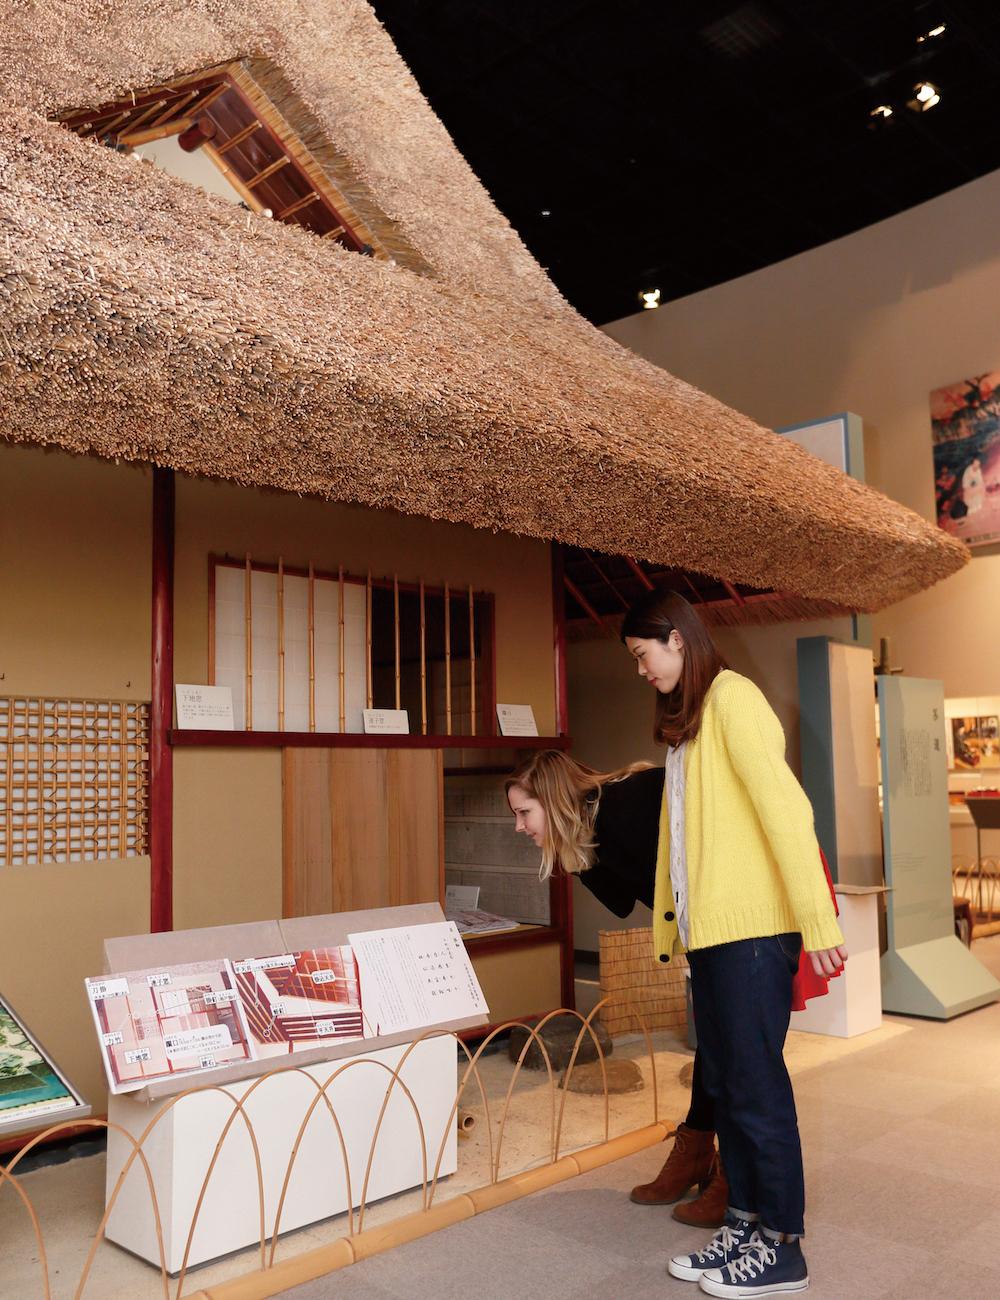 看板上詳細介紹茶室的每個地方,都與茶文化緊緊 相關。